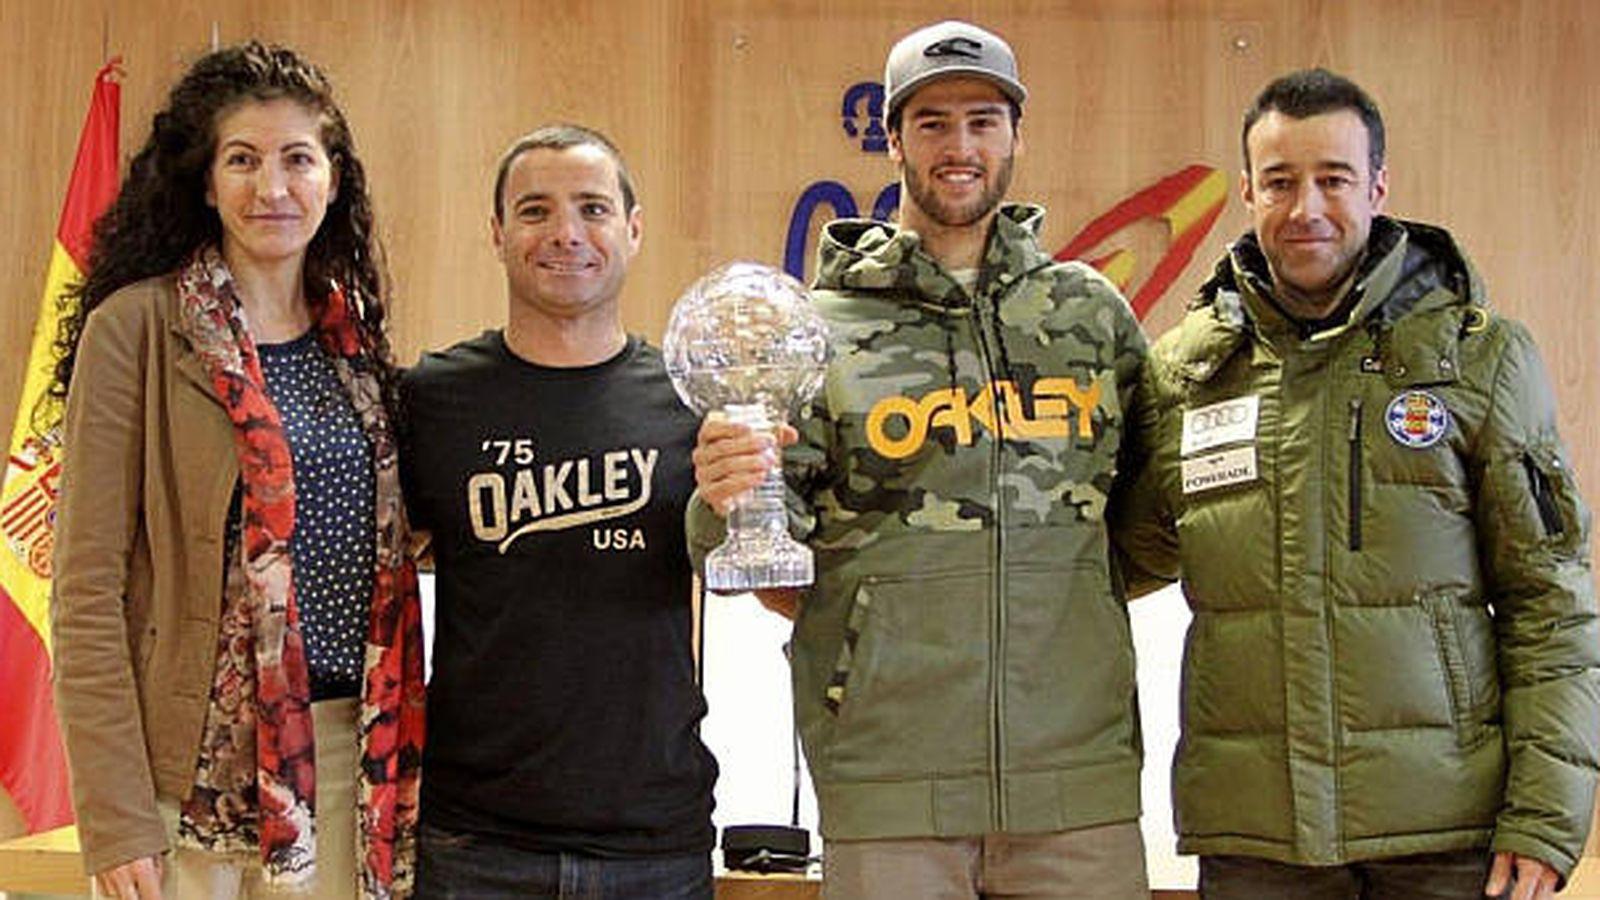 Luto en el esquí español por la muerte del entrenador Israel Planas ...